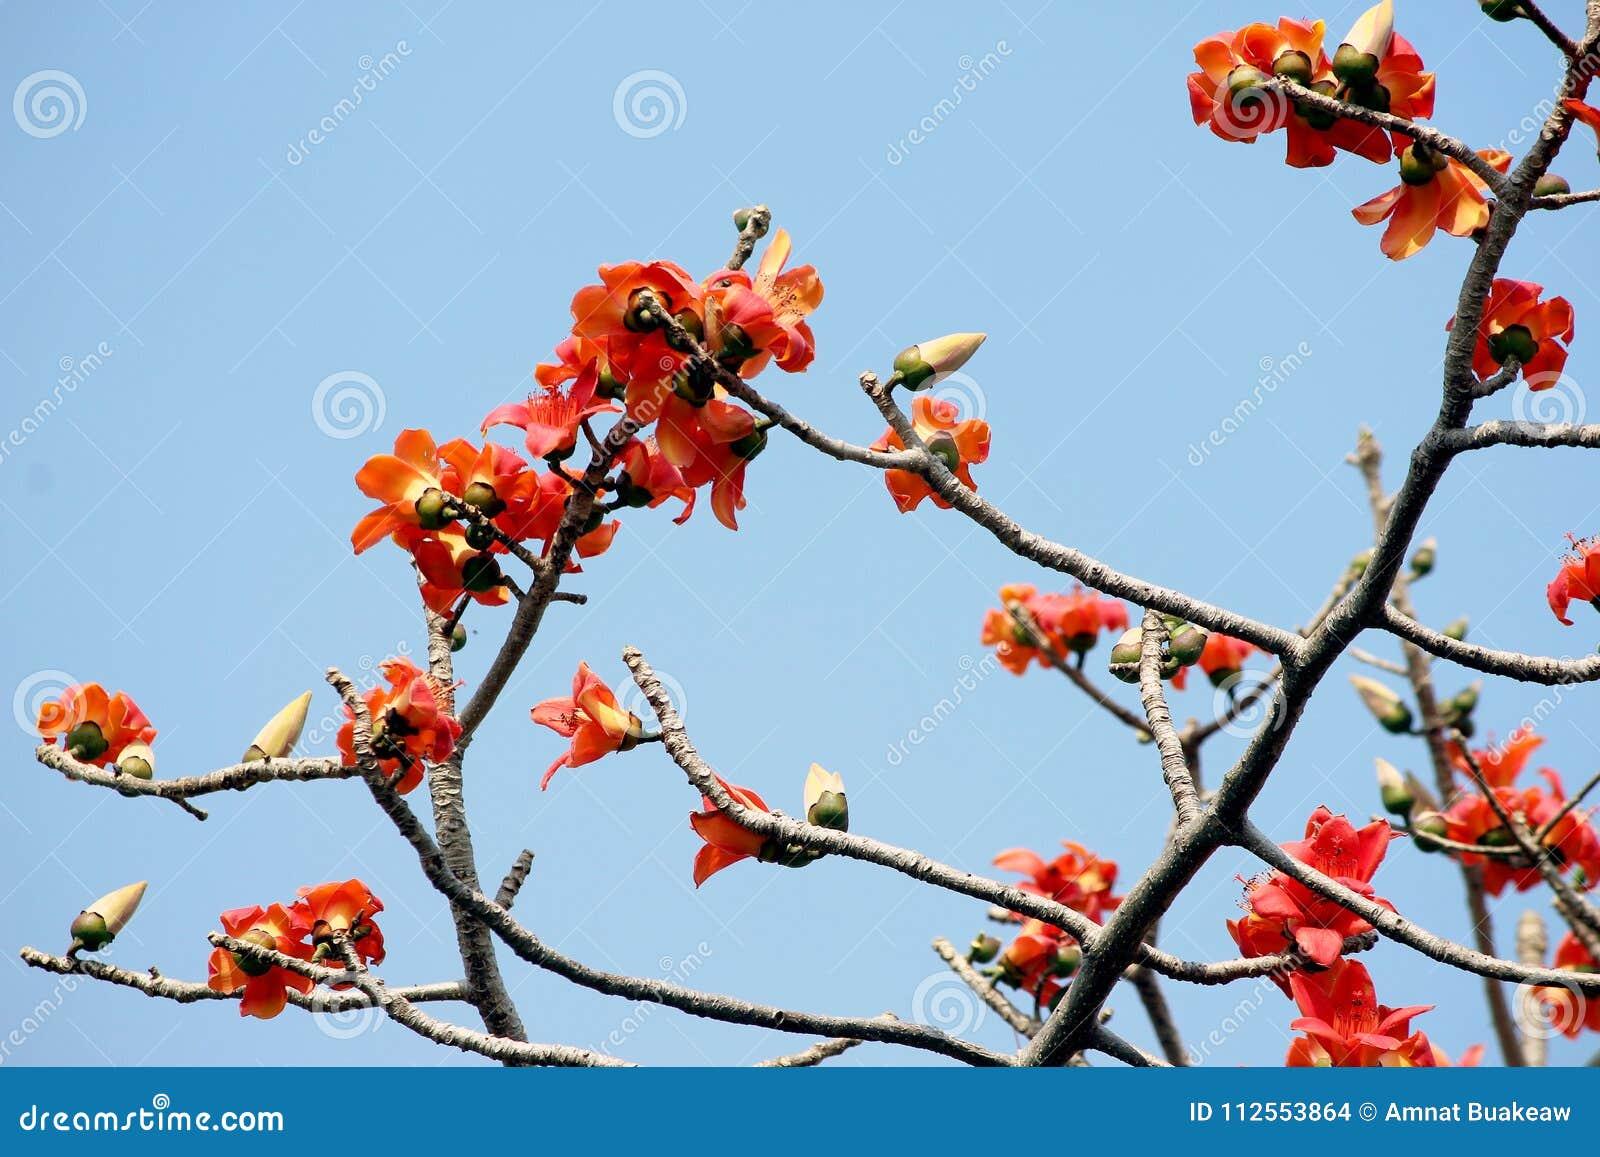 fleur d'arbre de ceiba de bombax ou de coton de fleur sur l'arbre